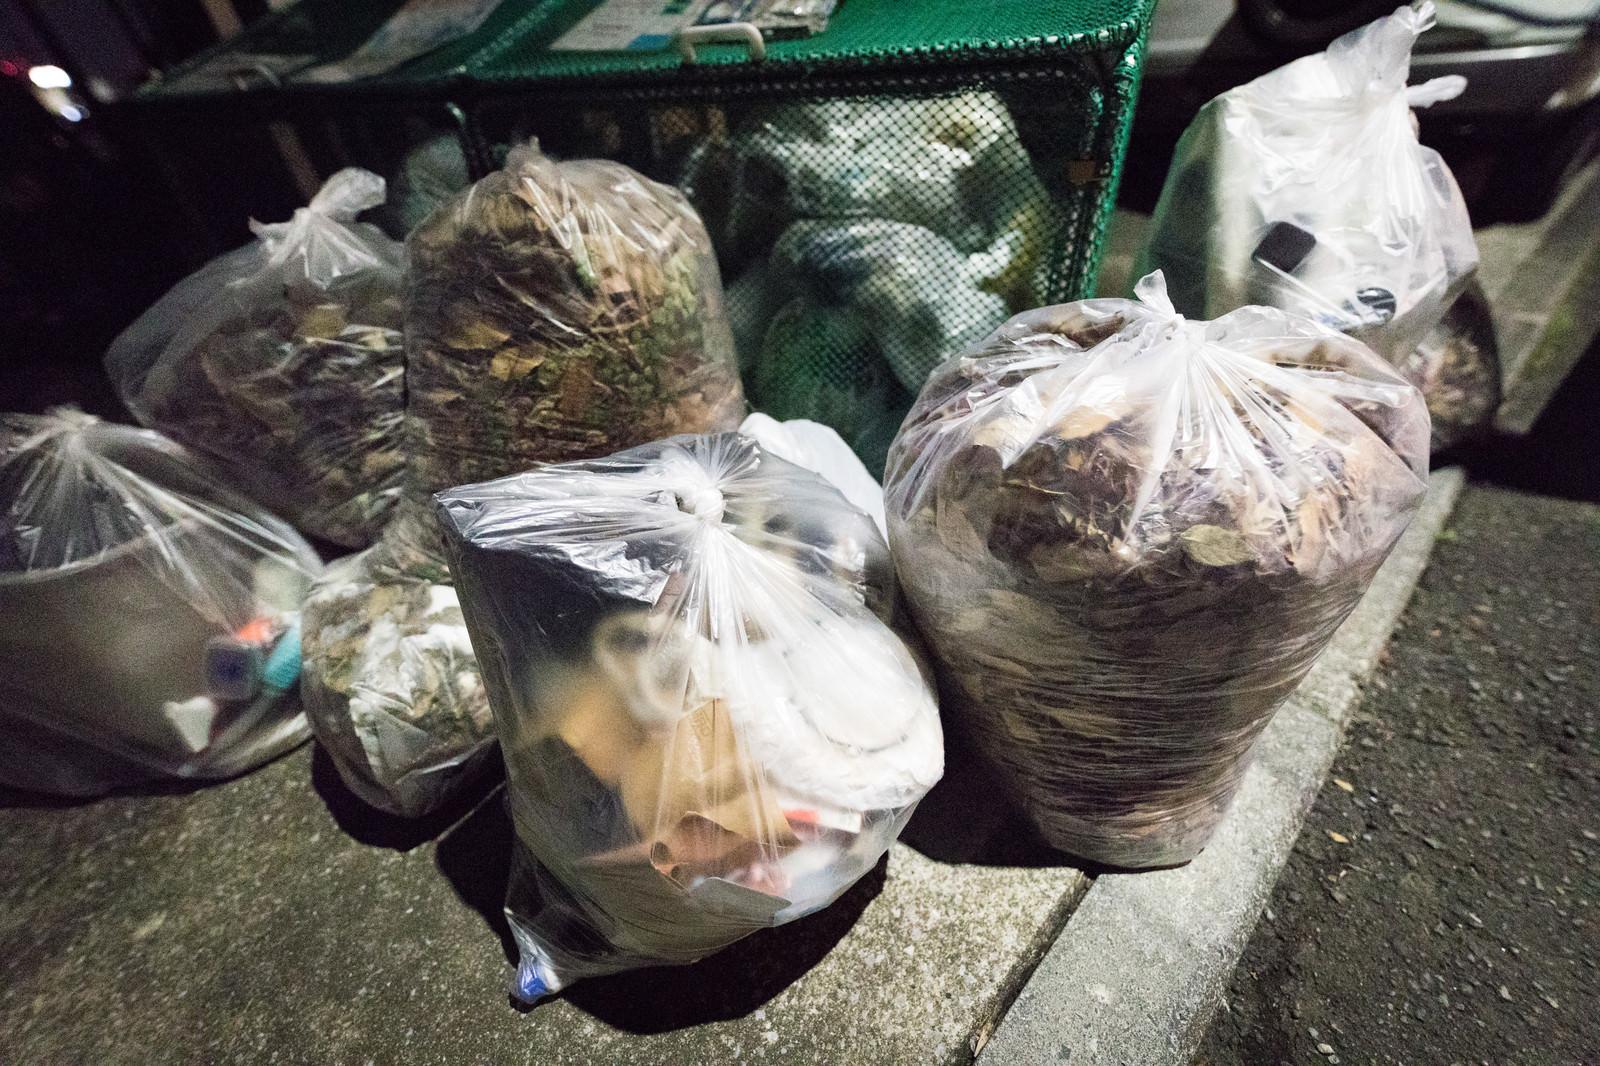 「深夜のゴミ捨て場深夜のゴミ捨て場」のフリー写真素材を拡大